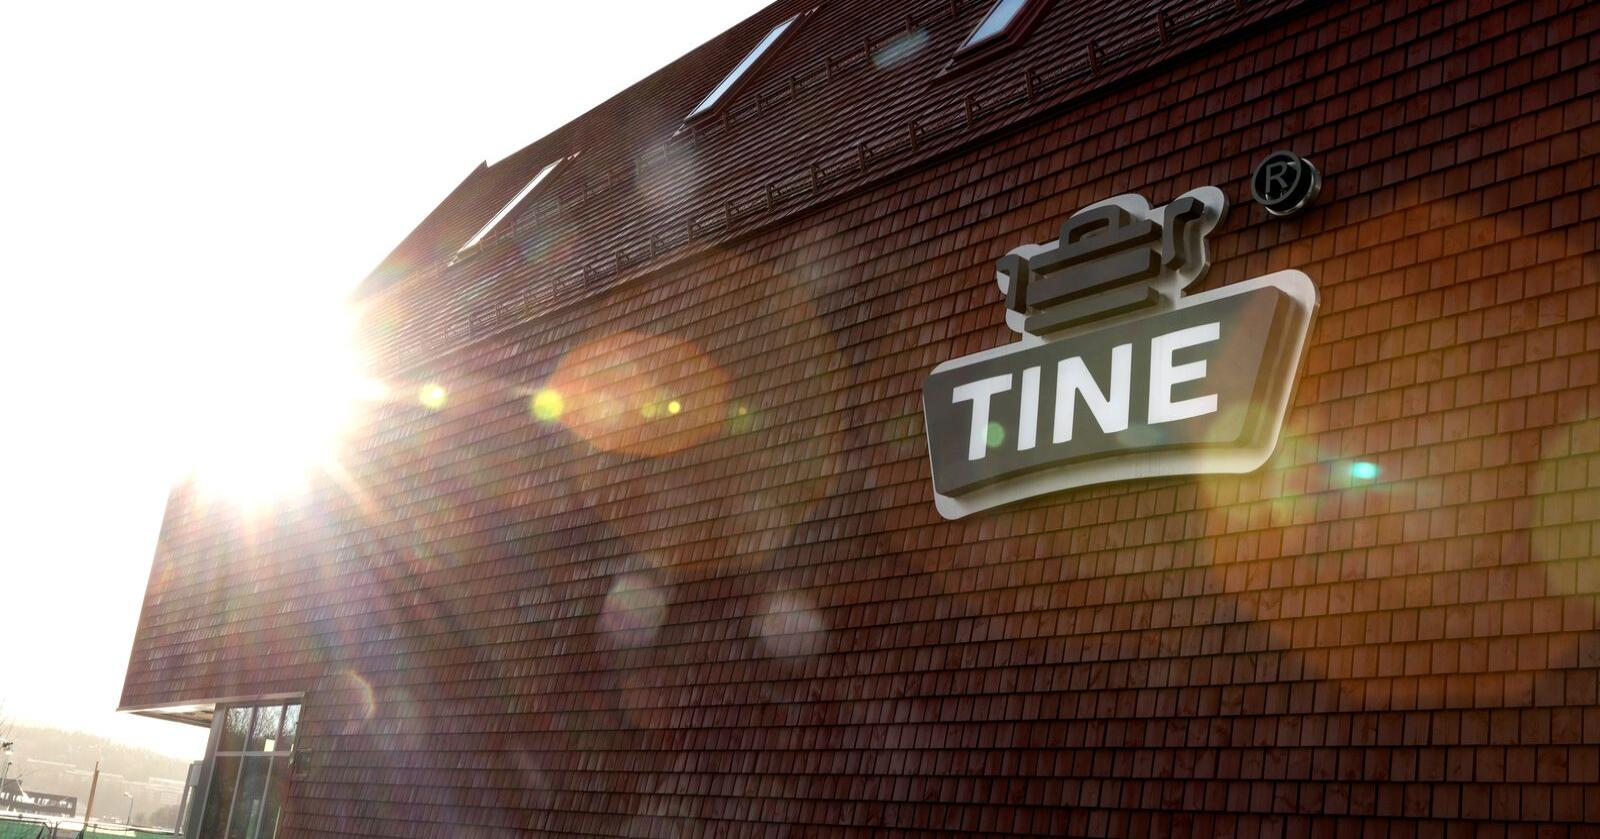 Produksjonsforsinkelser i Irland kan komme til å koste Tine dyrt. Foto: Gorm Kallestad / NTB scanpix